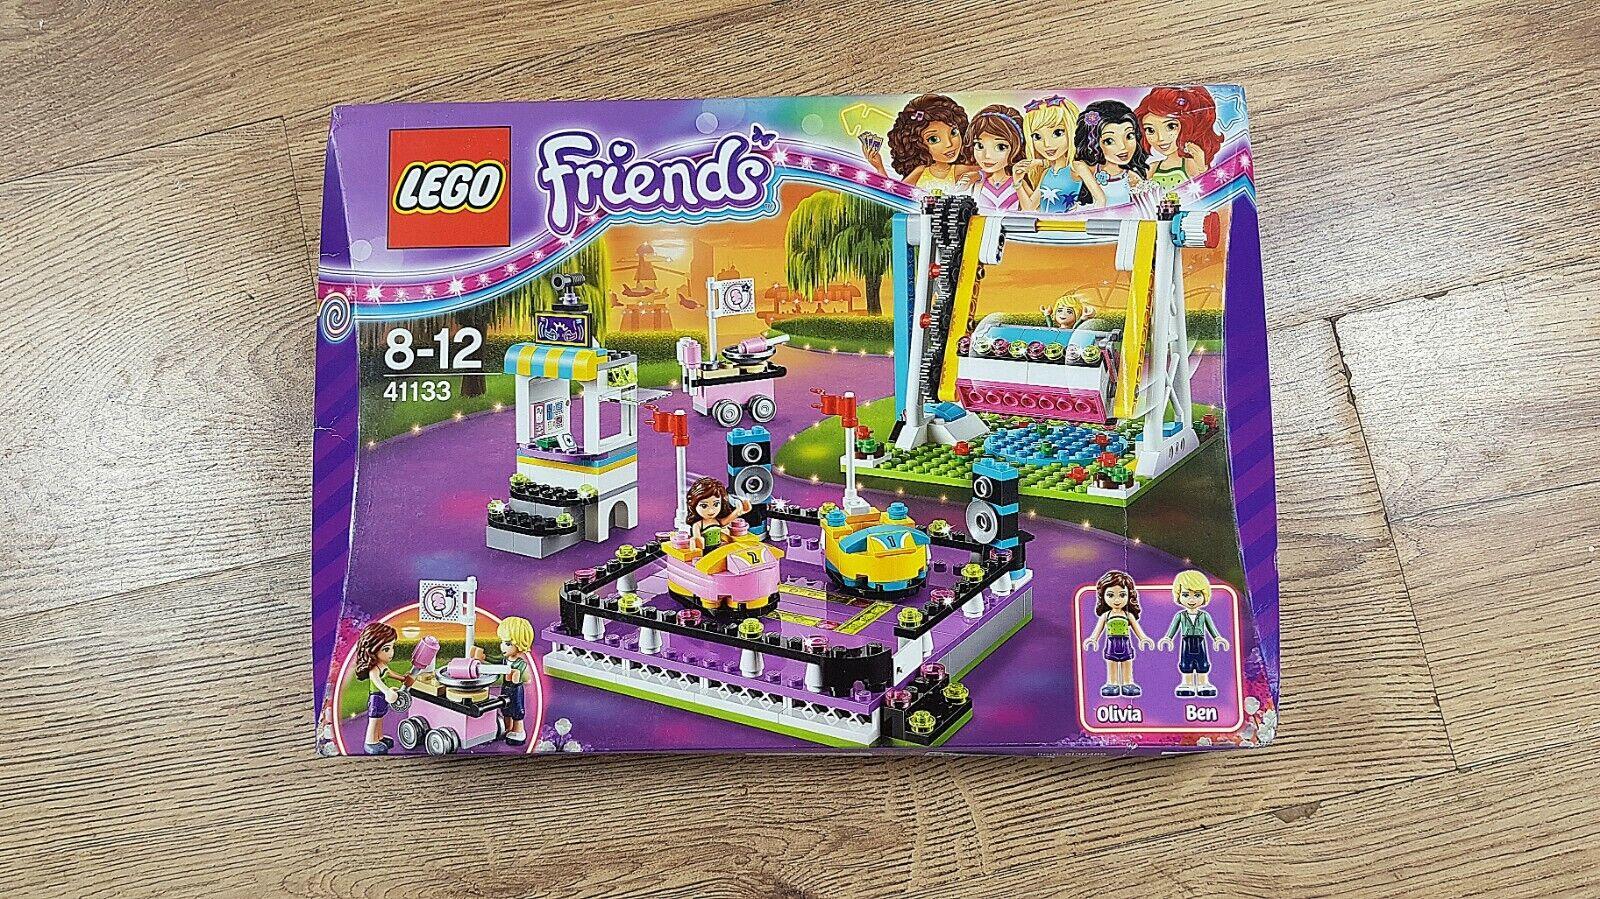 LEGO  Friends 41133 parc d'attractions pare-chocs voitures   Nouveau, non ouvert, très bon état  expédition rapide